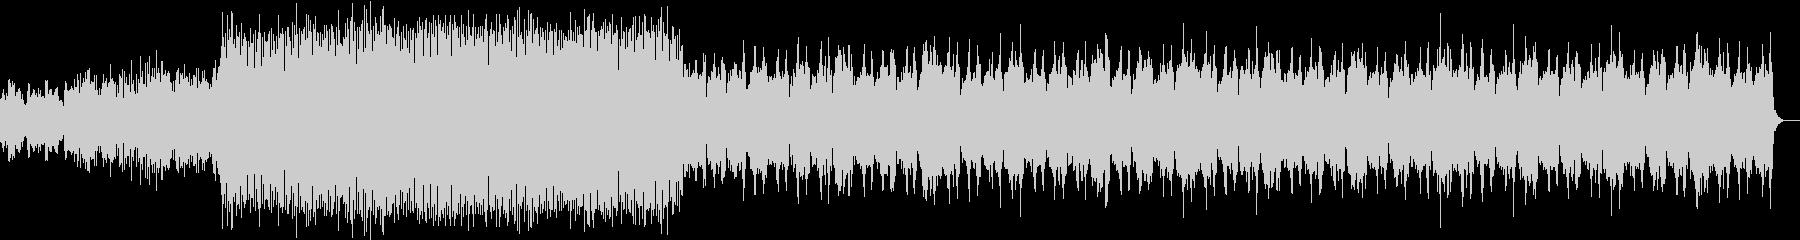 緊迫する場面で使えるロック調の曲の未再生の波形